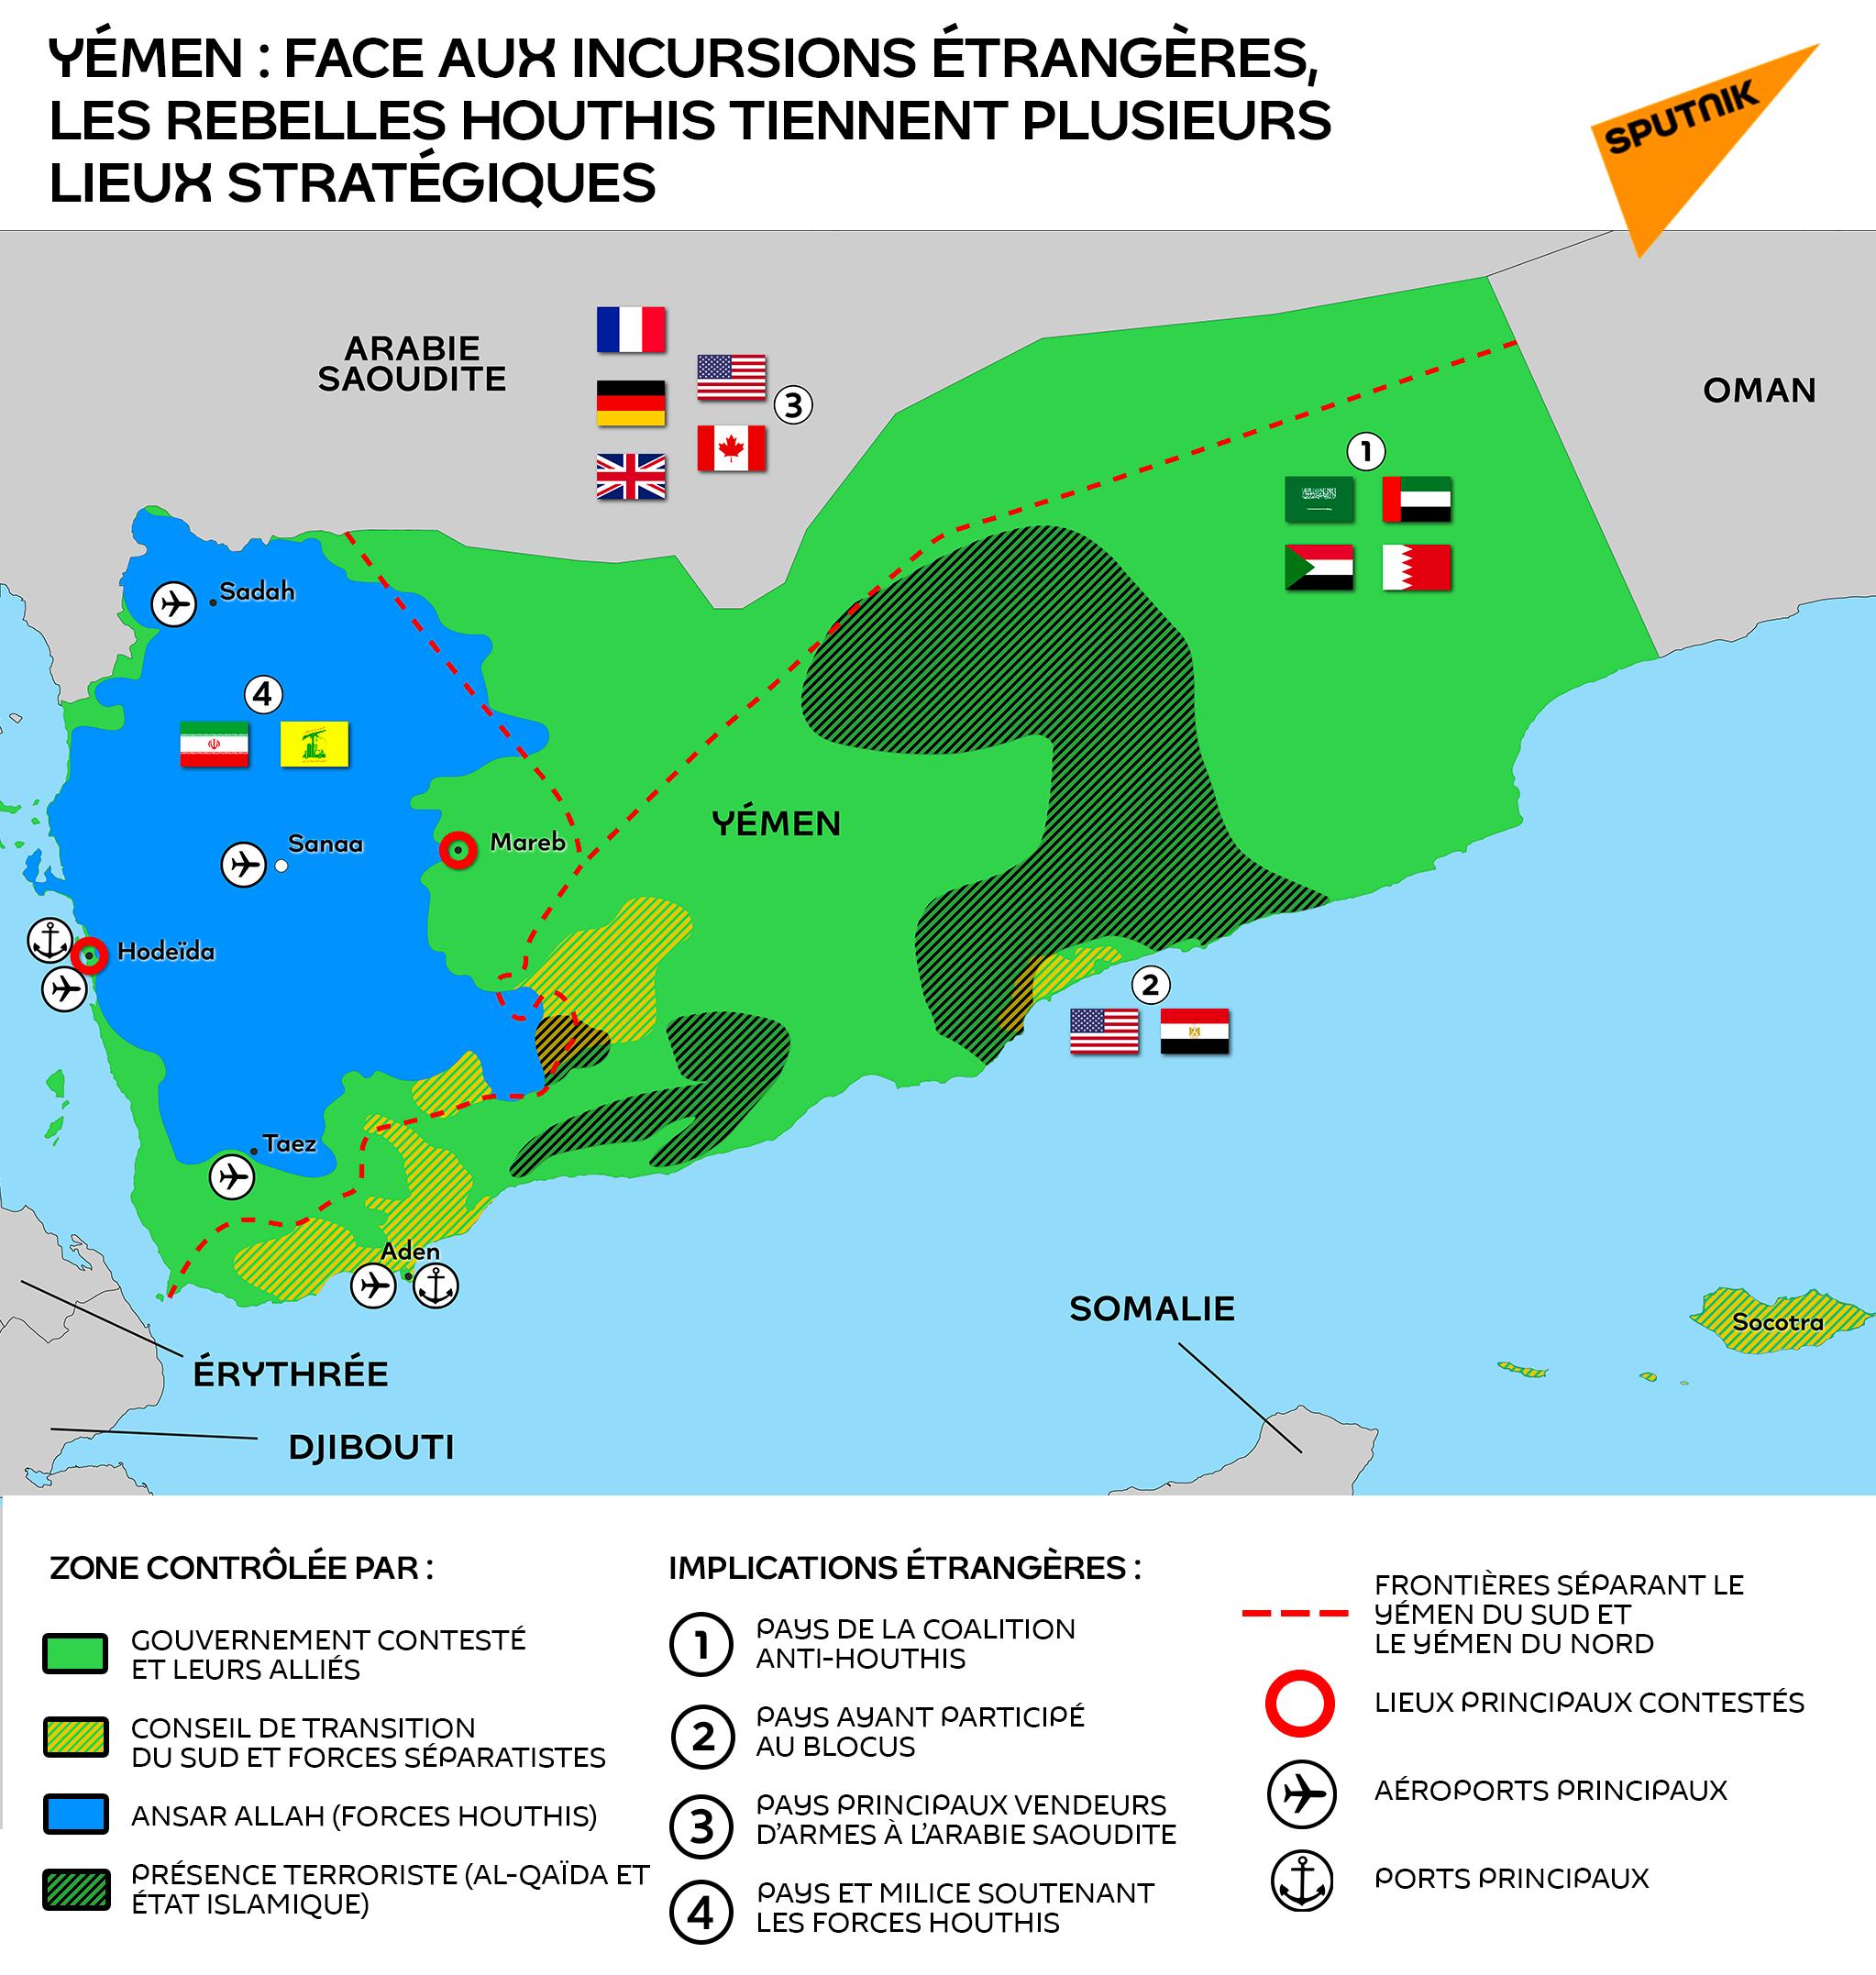 Yémen : face aux incursions étrangères, les rebelles houthis tiennent plusieurs lieux stratégiques - Sputnik France, 1920, 31.03.2021